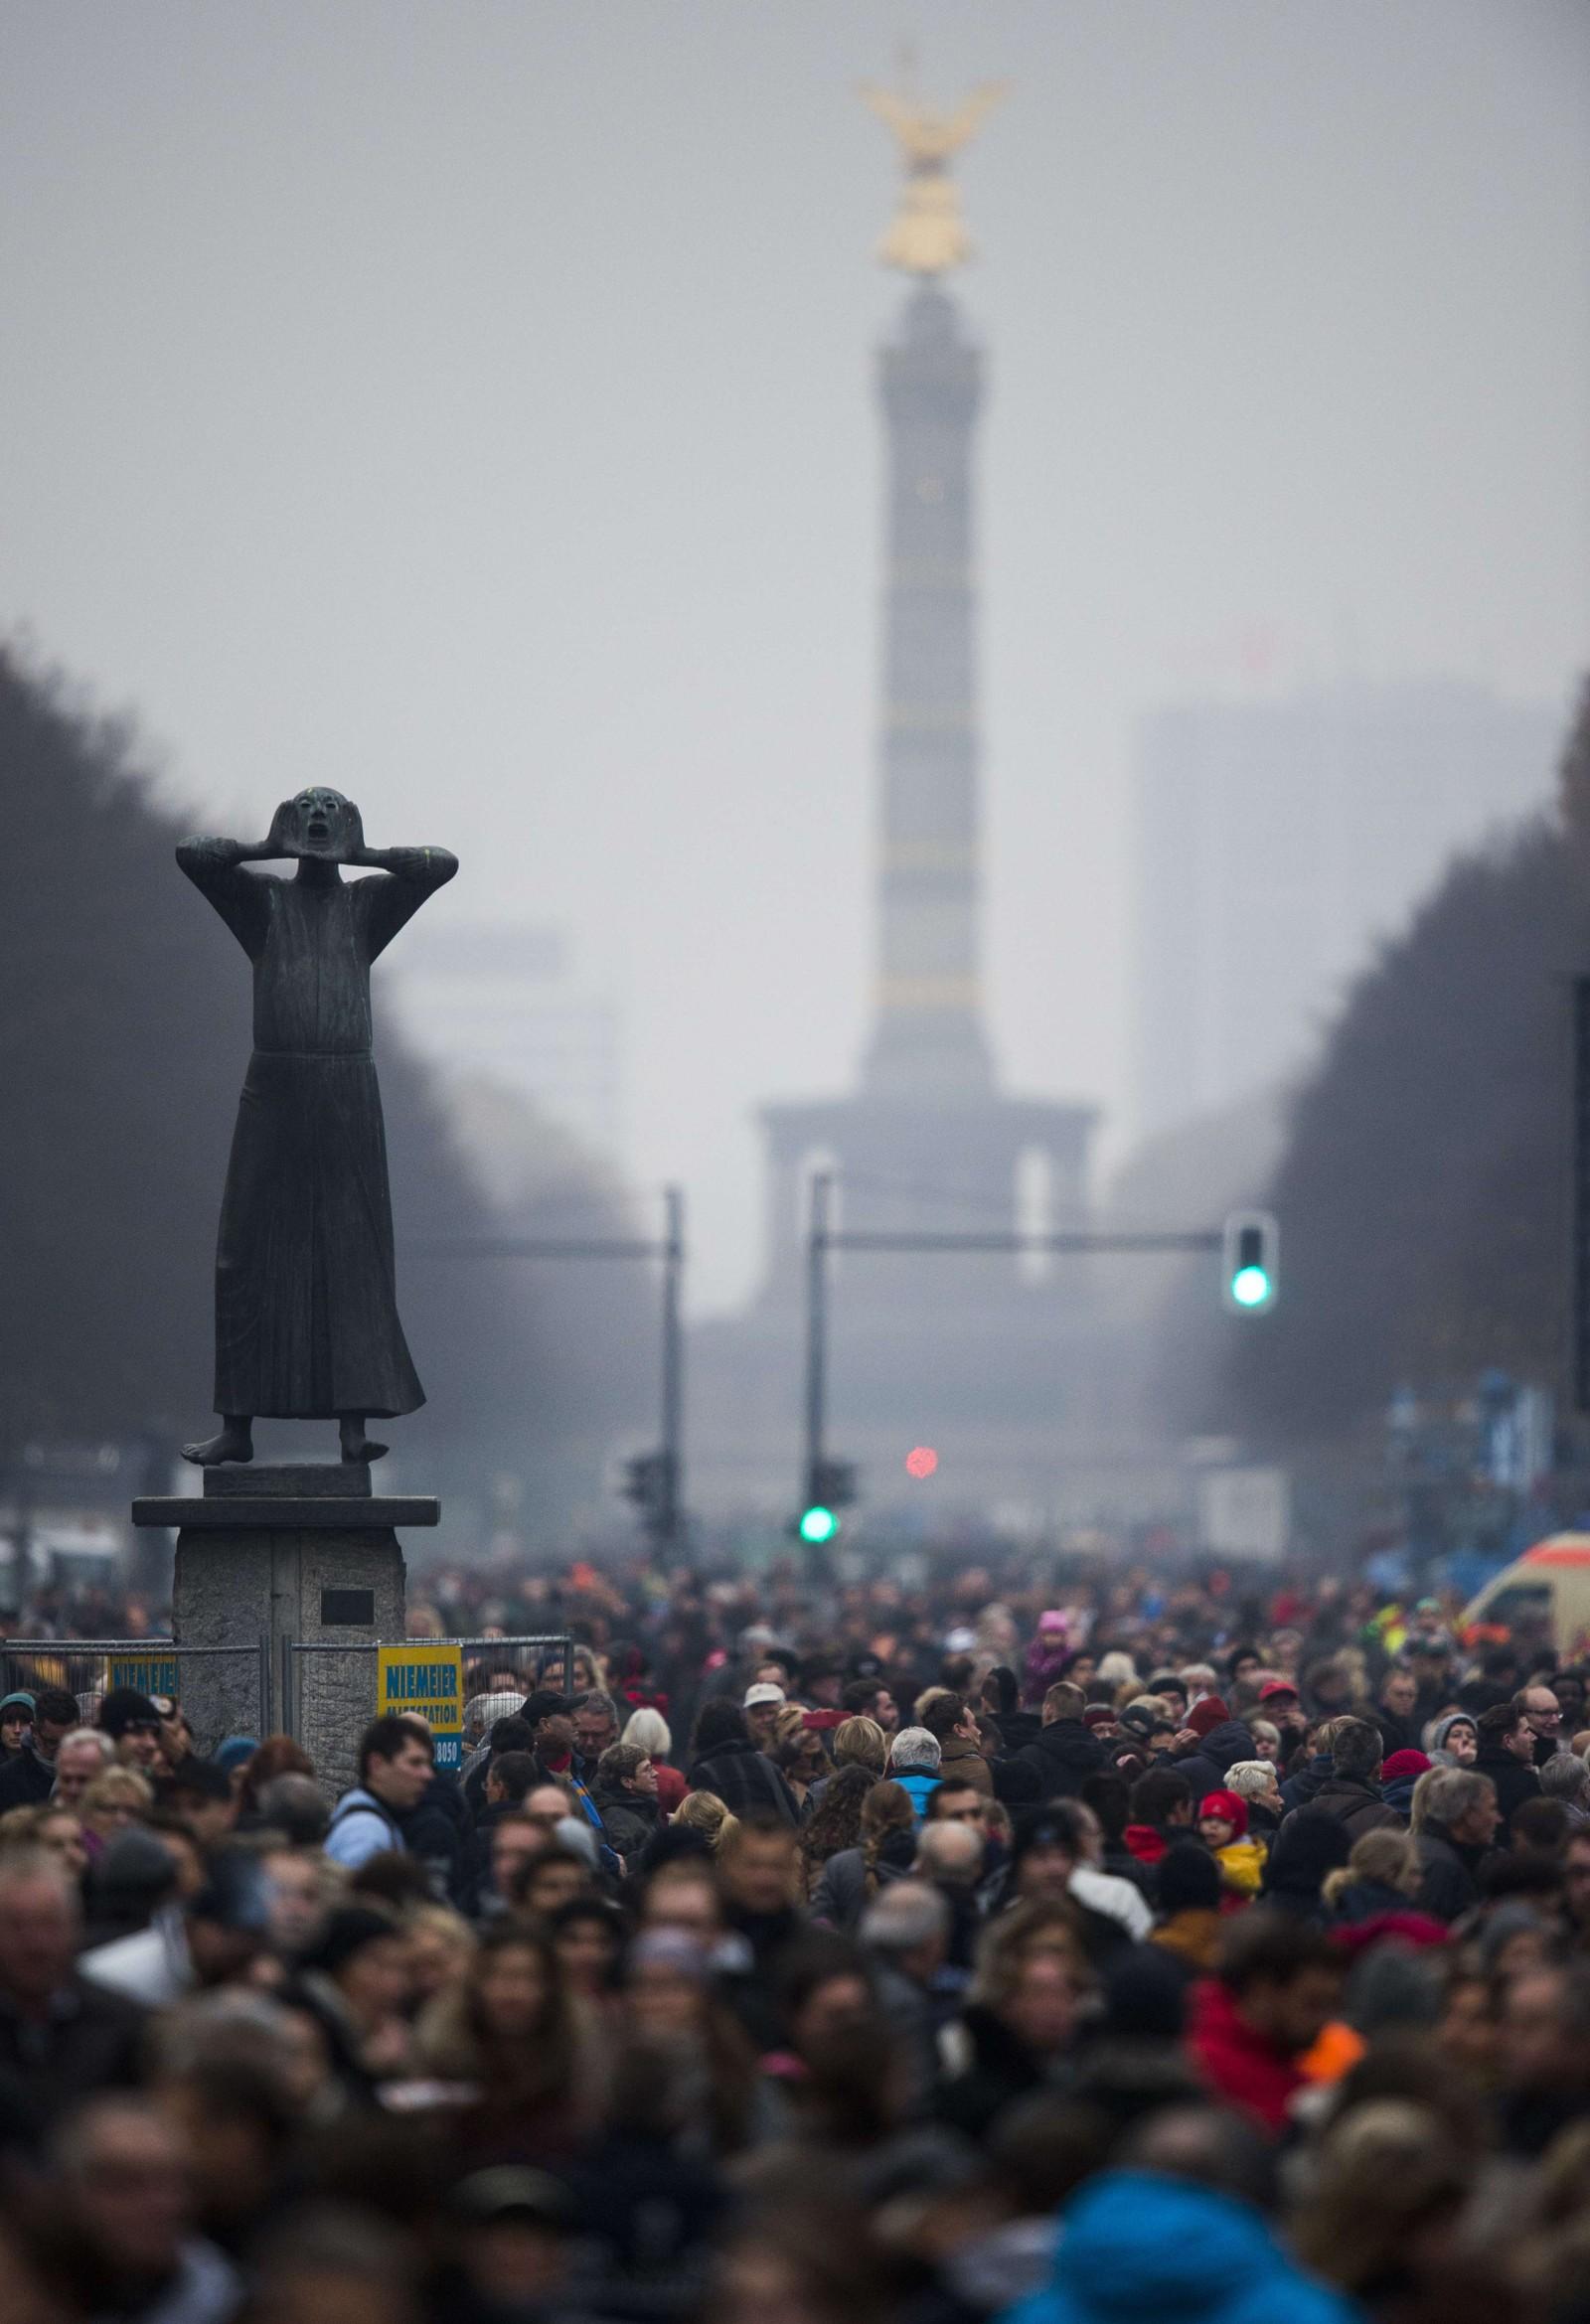 Die Siegesäule i Tiergarten, og tusenvis av mennesker.